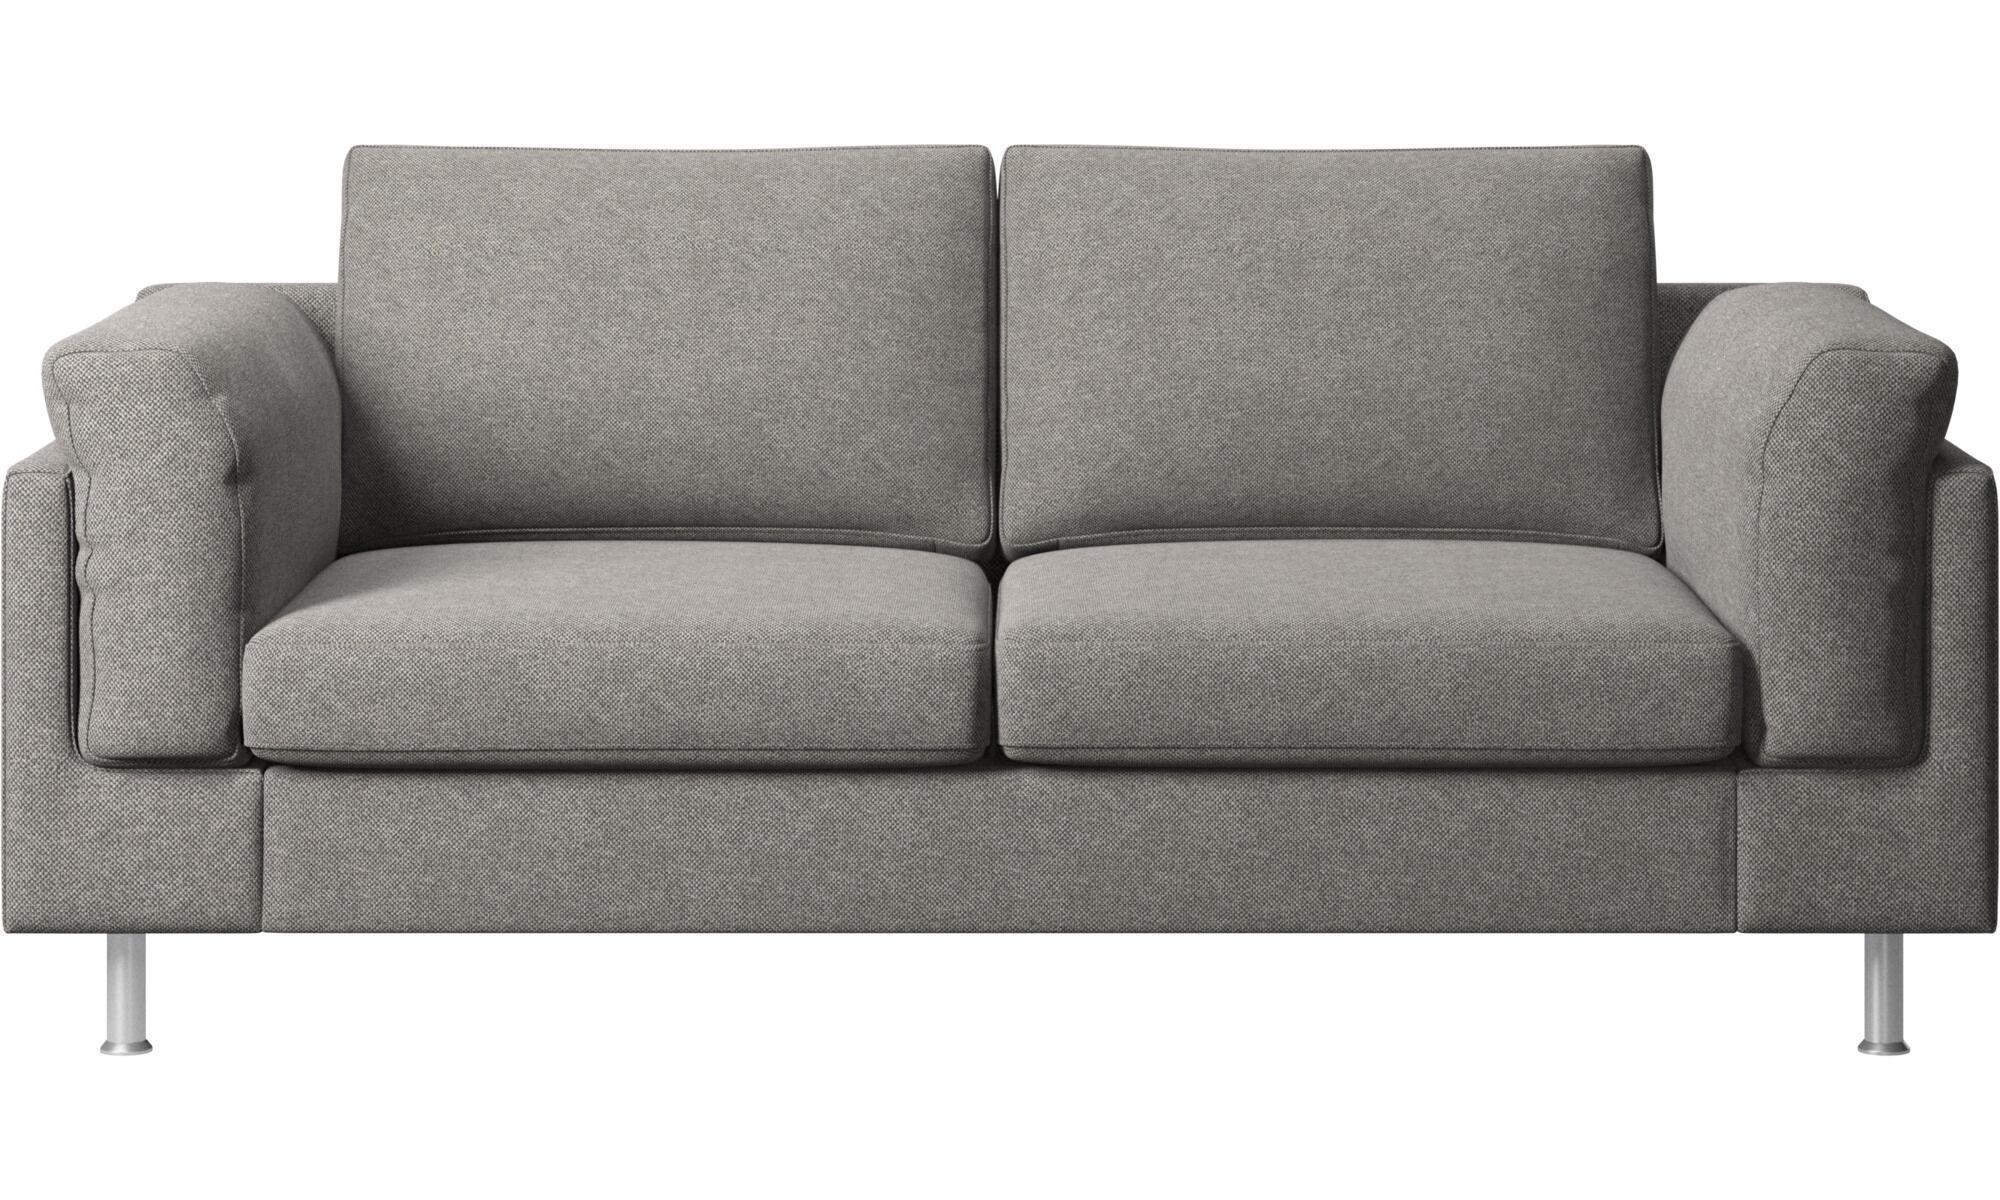 2 Seater Sofas   Indivi 2 Sofa   Grey   Fabric